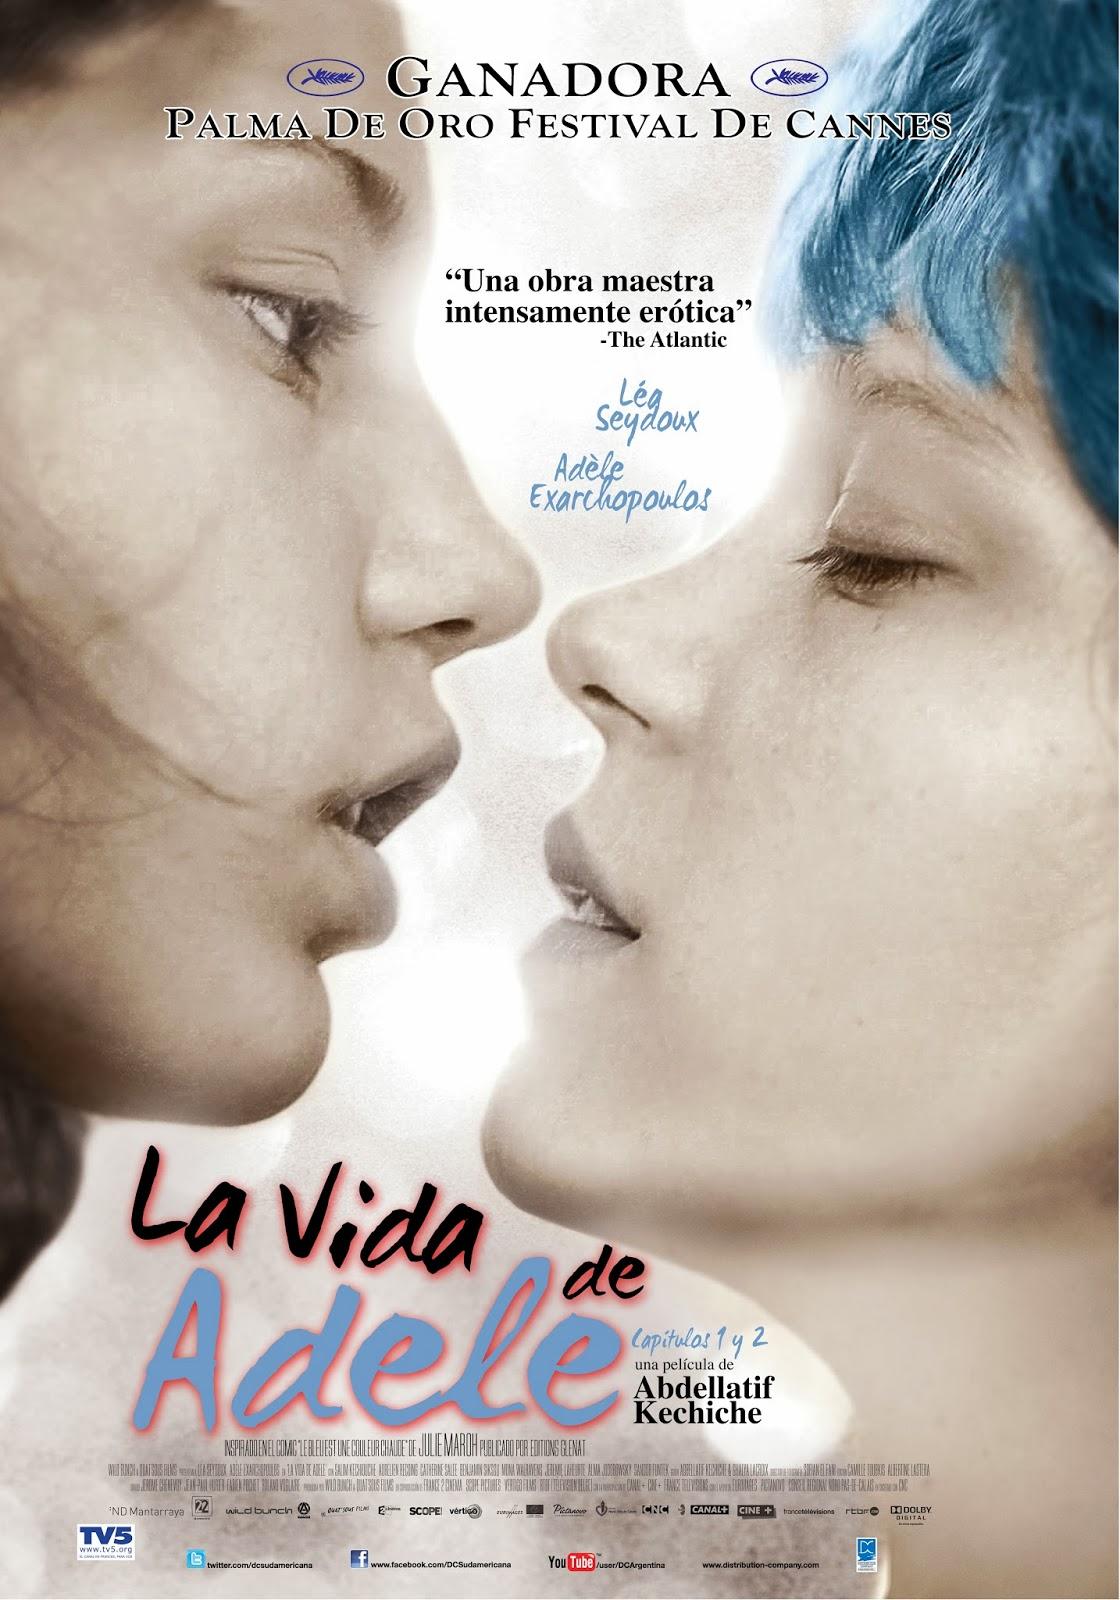 Pelicula La vida de Adèle (2013) Full HD 720p Subtitulada Online imagen